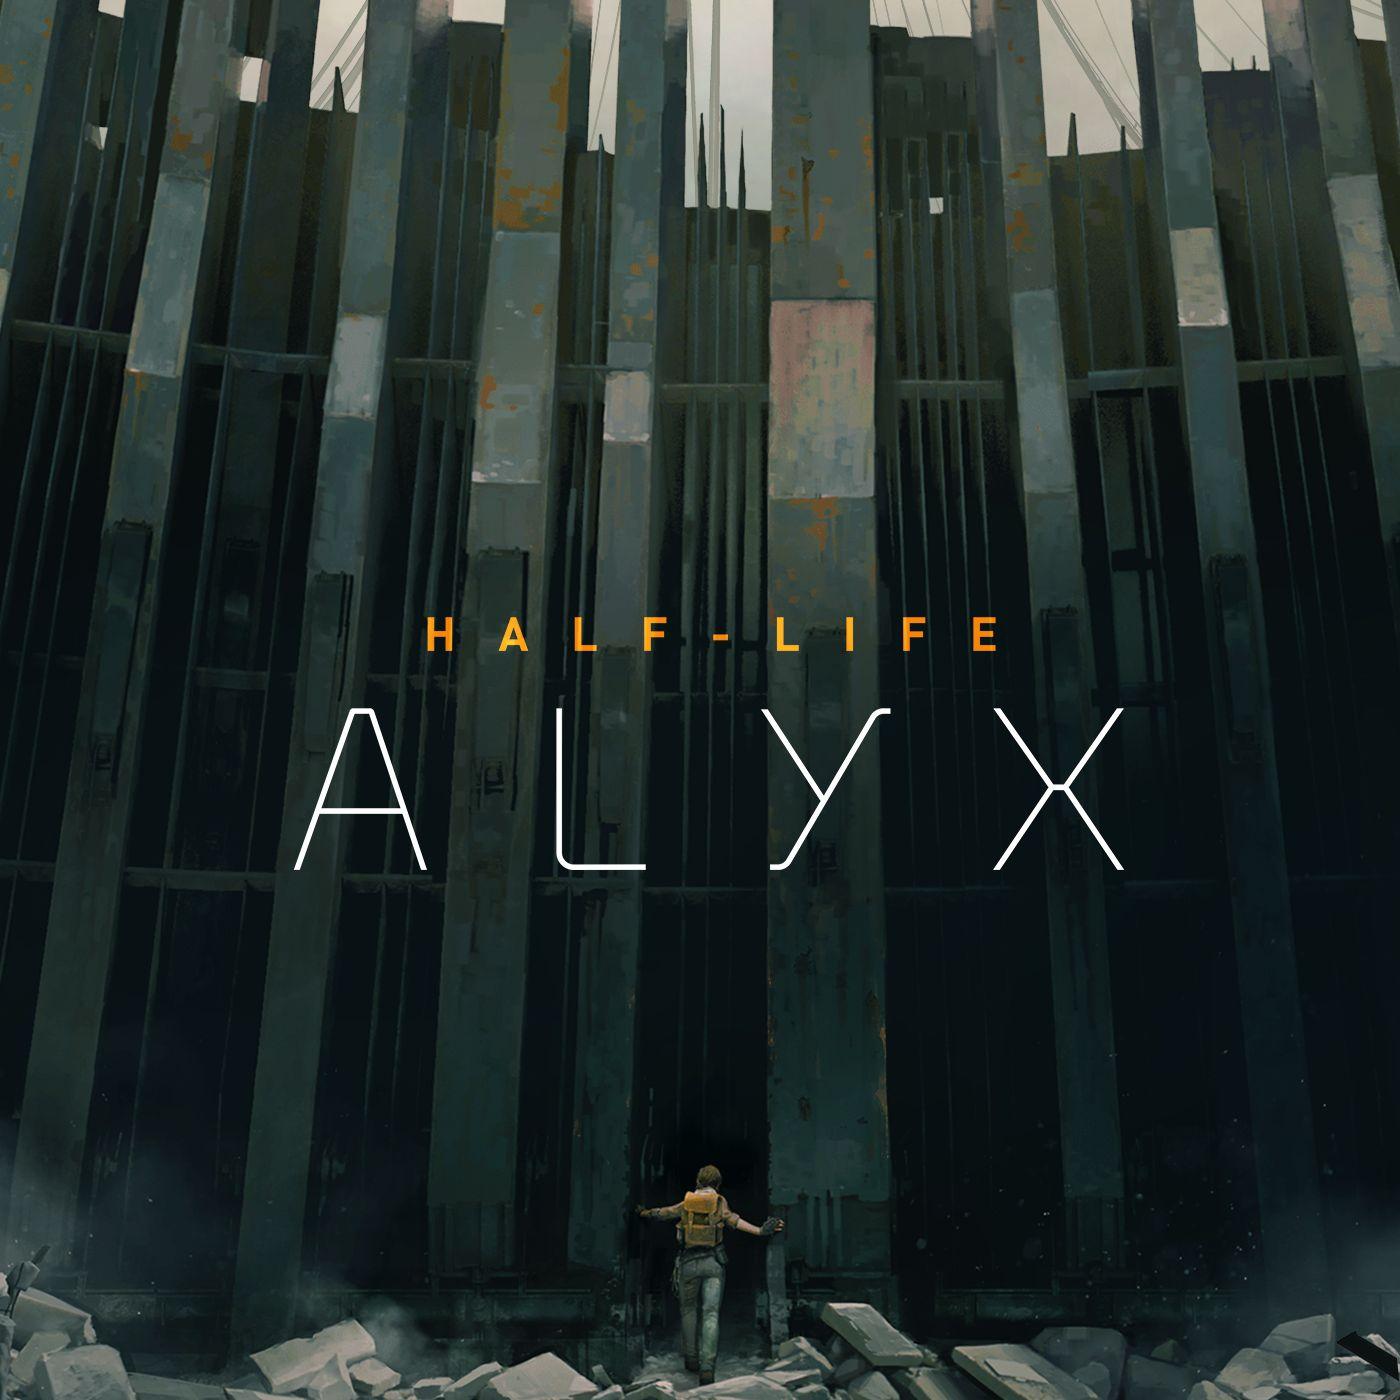 もはやアトラクション!最高峰VRゲーム Half-Life Alyxをプレイ